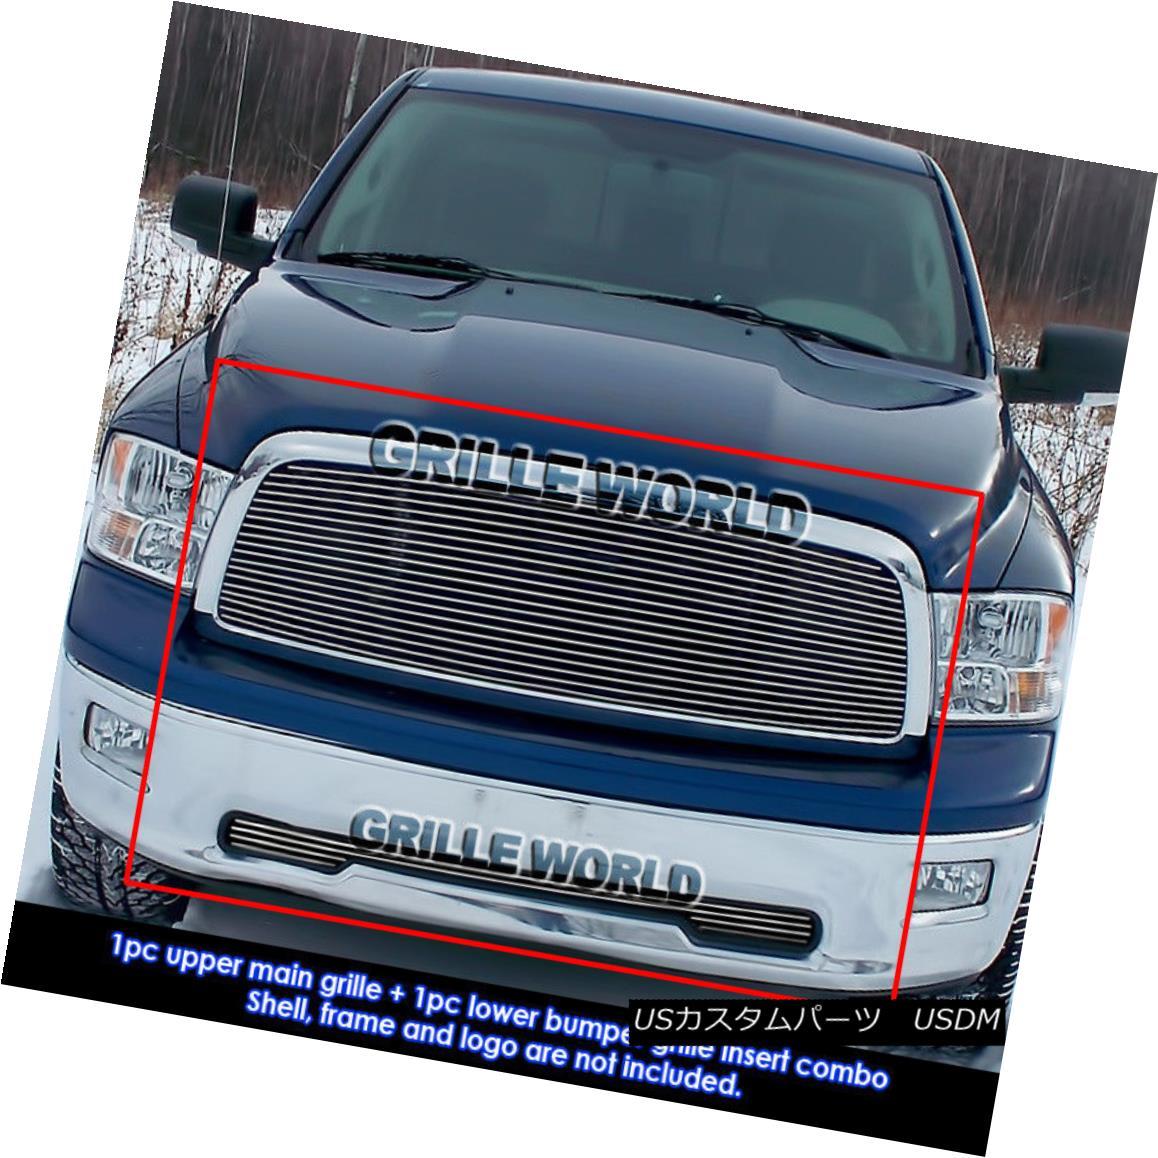 グリル For 2009-2012 Dodge Ram 1500 Pickup Billet Grille Grill Combo insert 2010 2011 2009-2012ダッジラム1500ピックアップビレットグリルグリルコンボインサート2010 2011